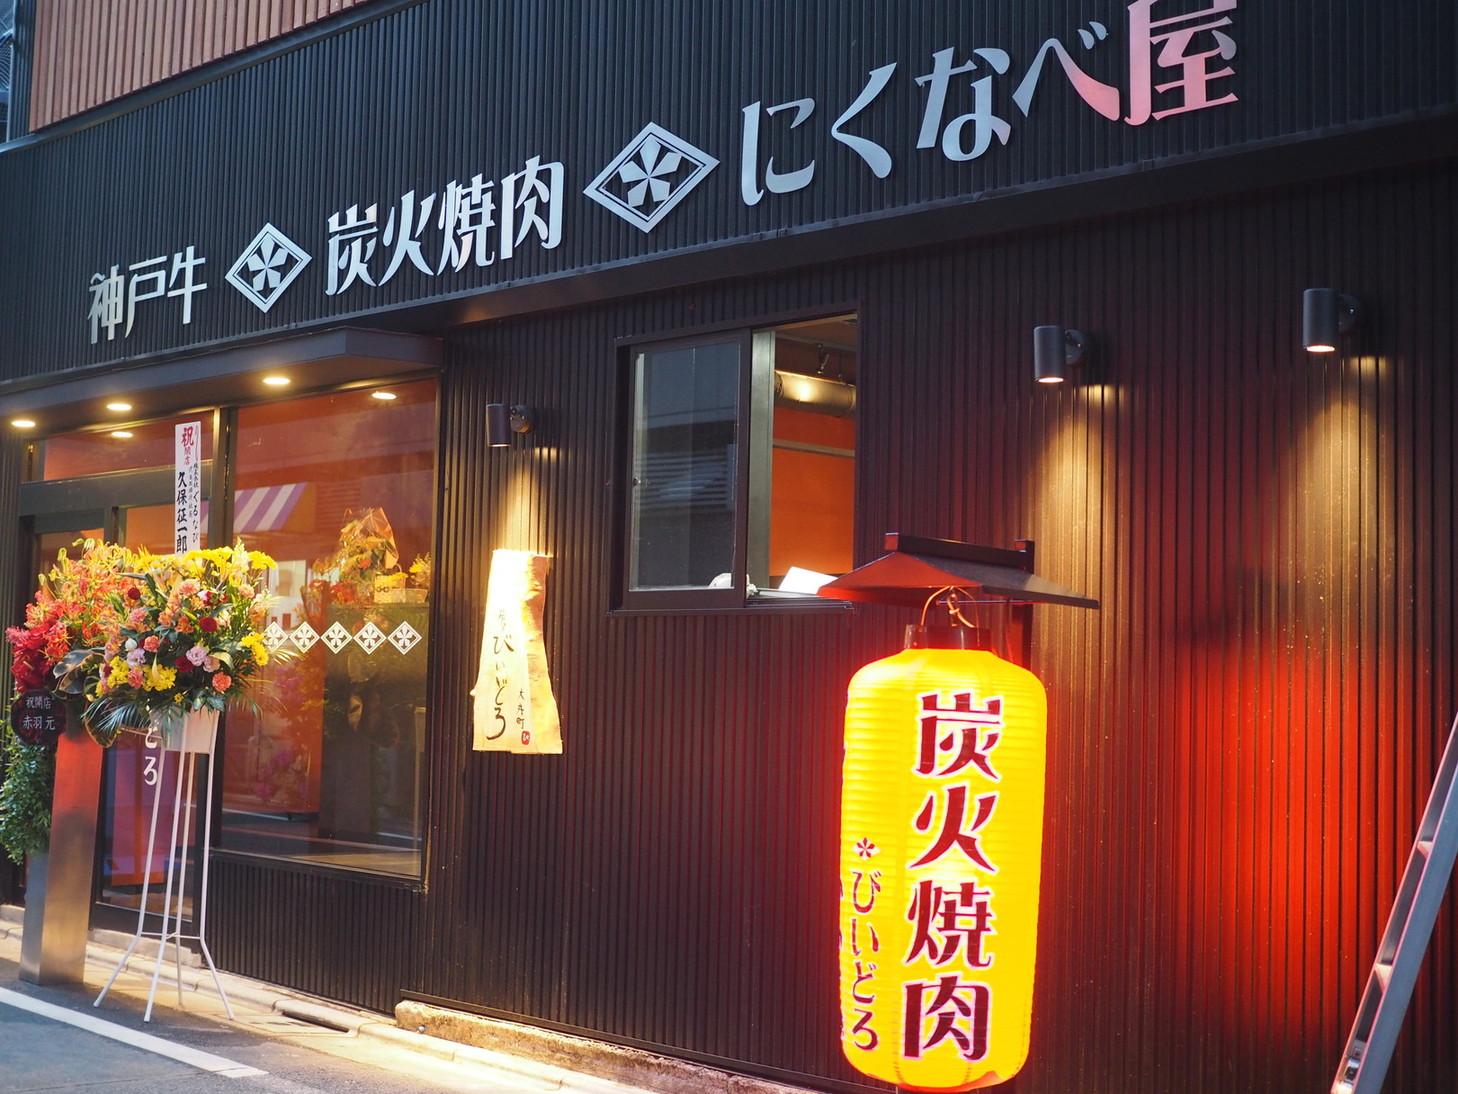 炭火焼肉 にくなべ屋 神戸びいどろ 大井町店